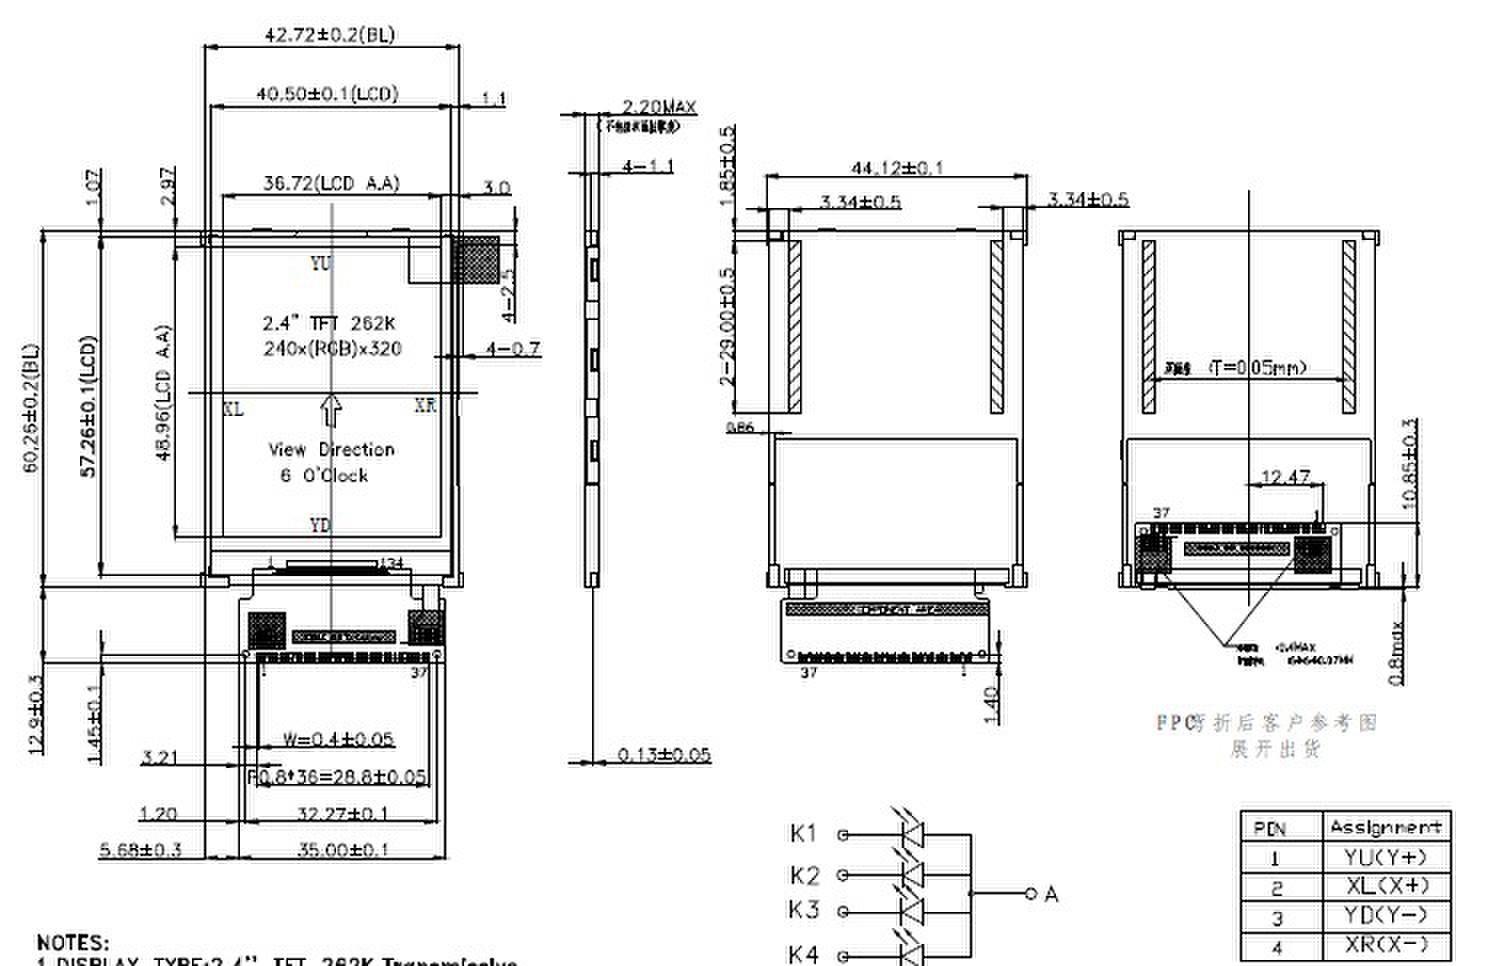 2.4英寸tft,彩屏,lcd液晶显示屏,lcm液晶显示模块.